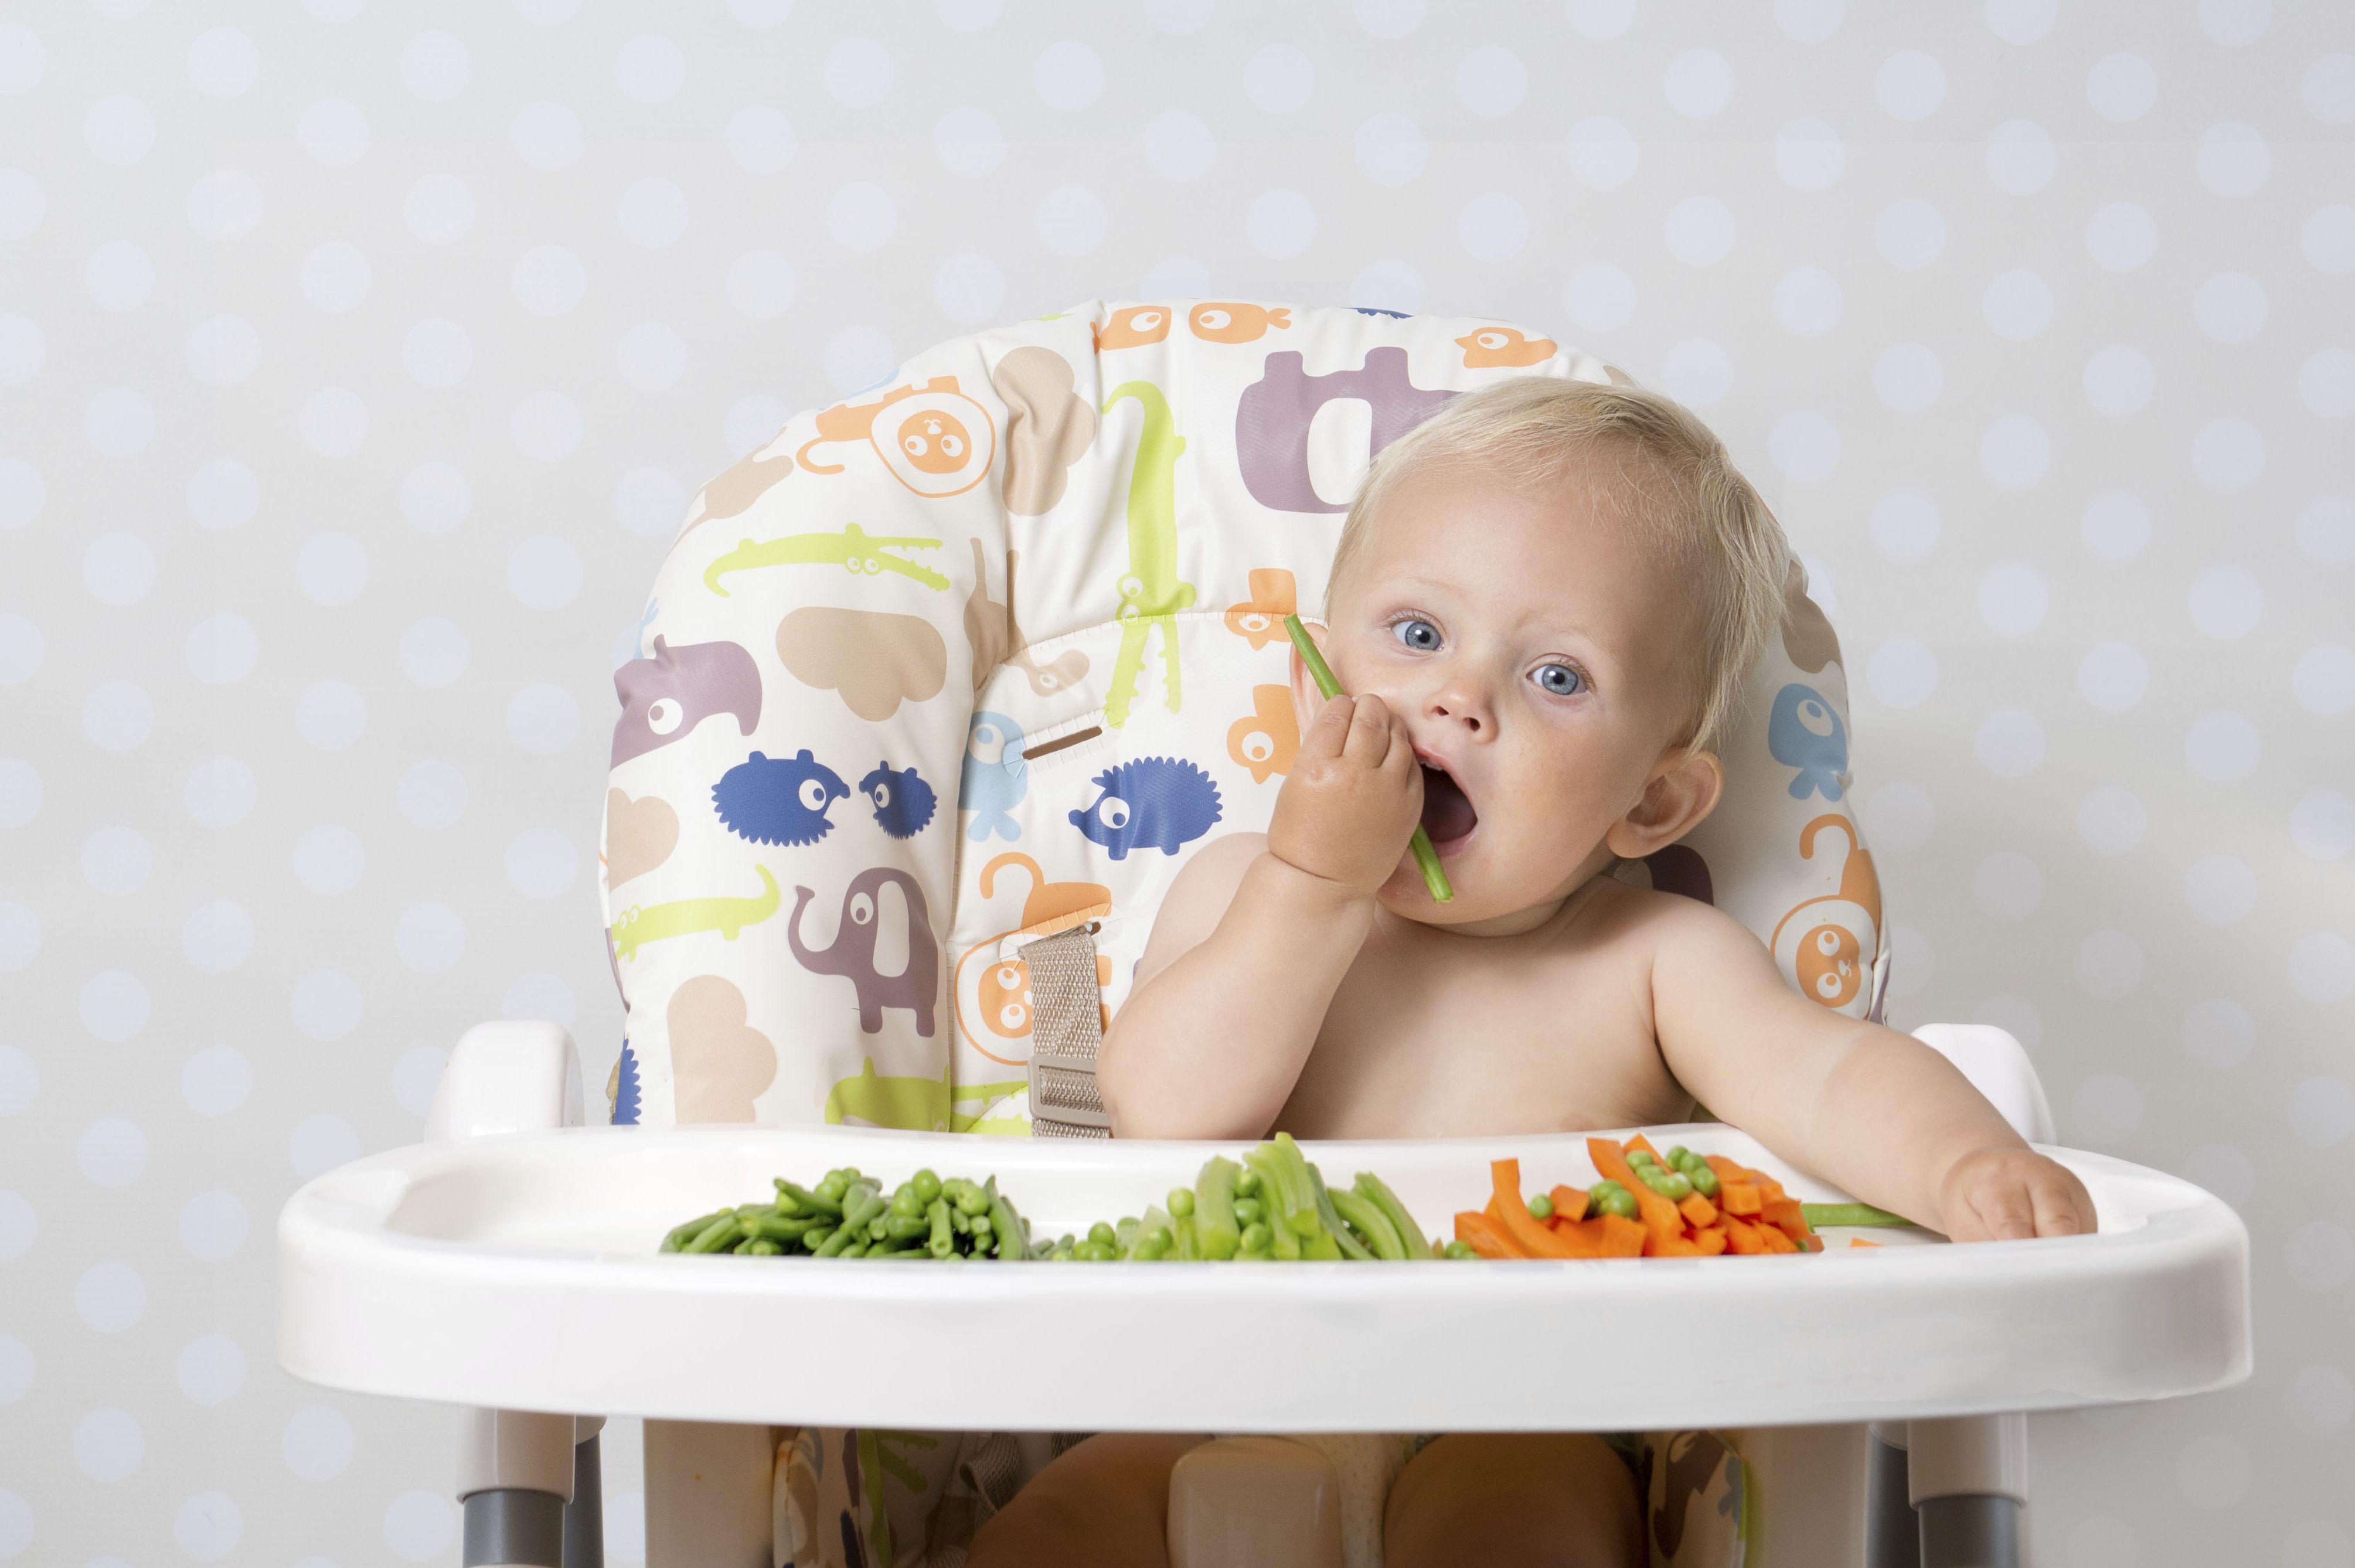 Alimentos que no deberías dar a tus hijos